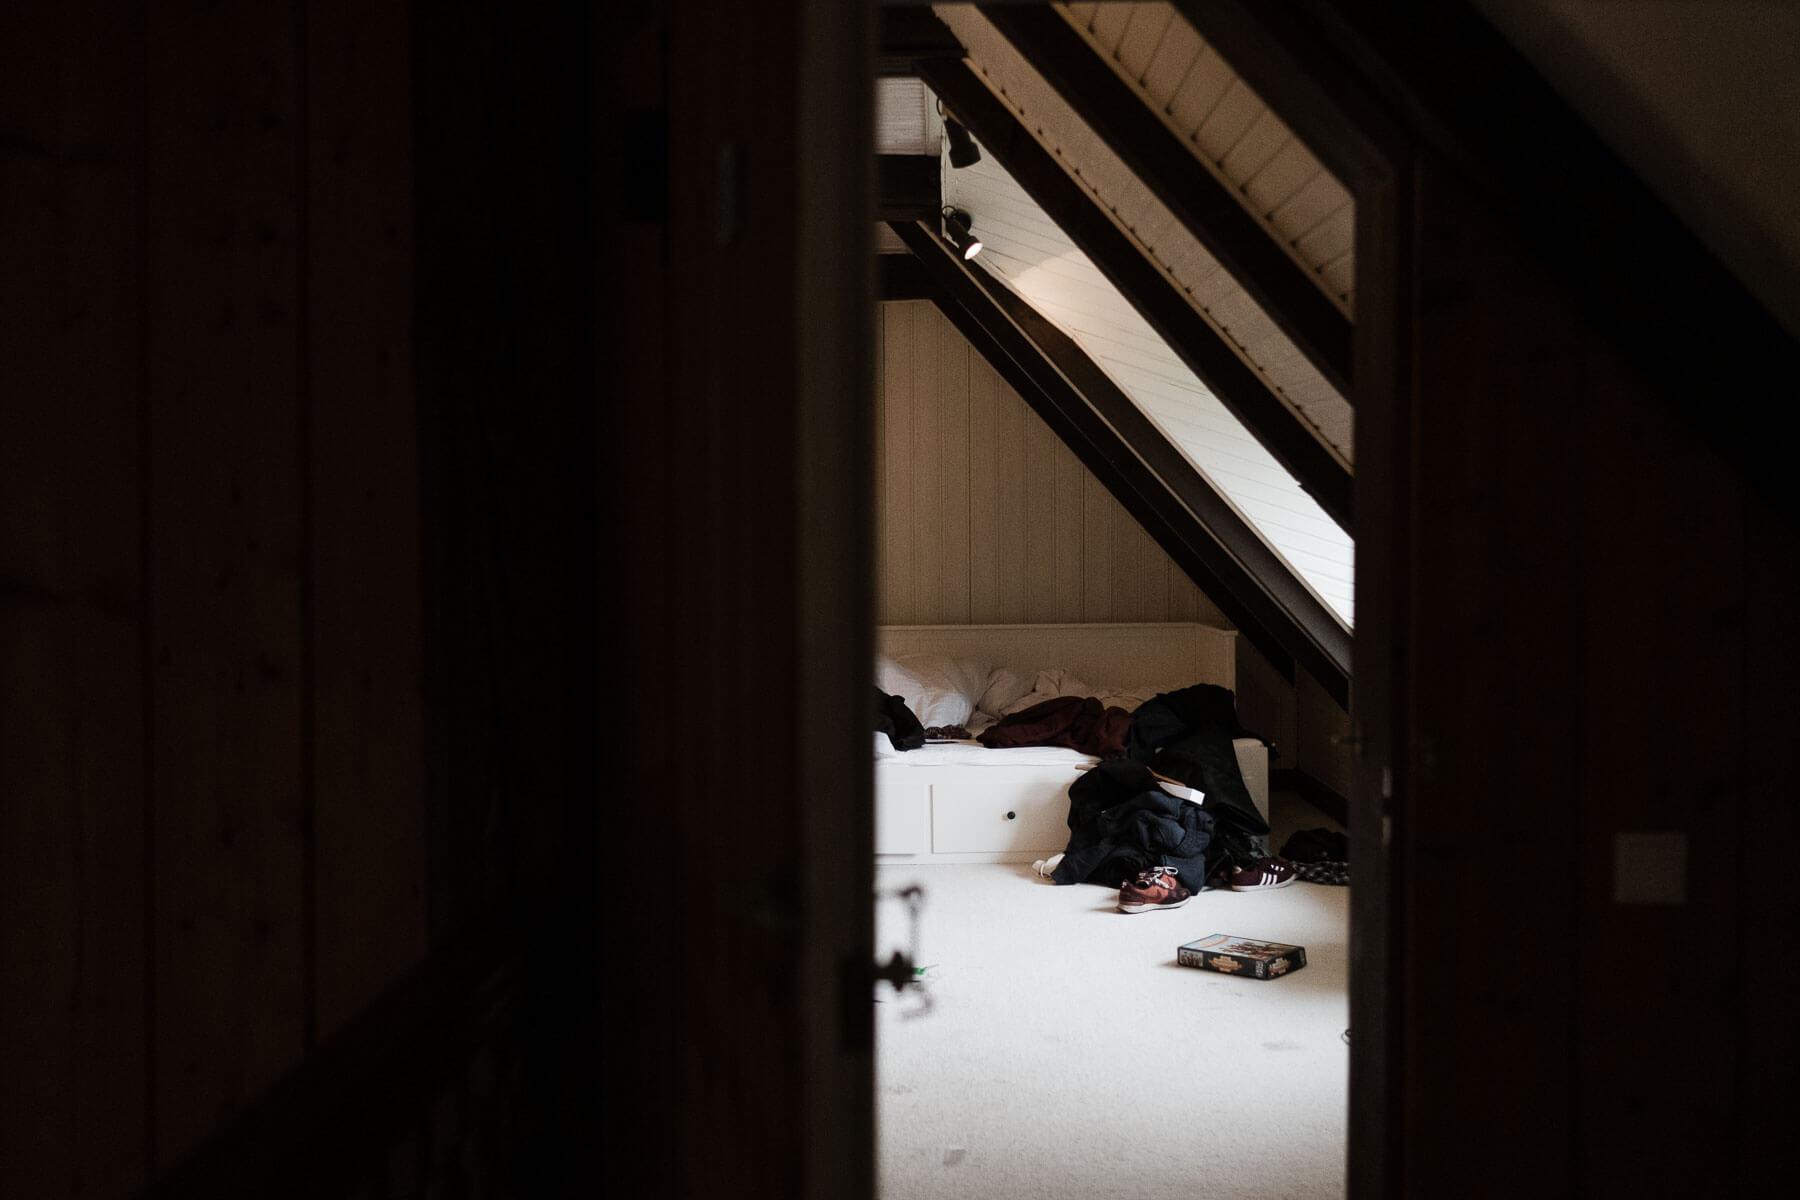 in einem Dachzimmer steht ein Bett, auf dem viele Kleidugsstücke liegen